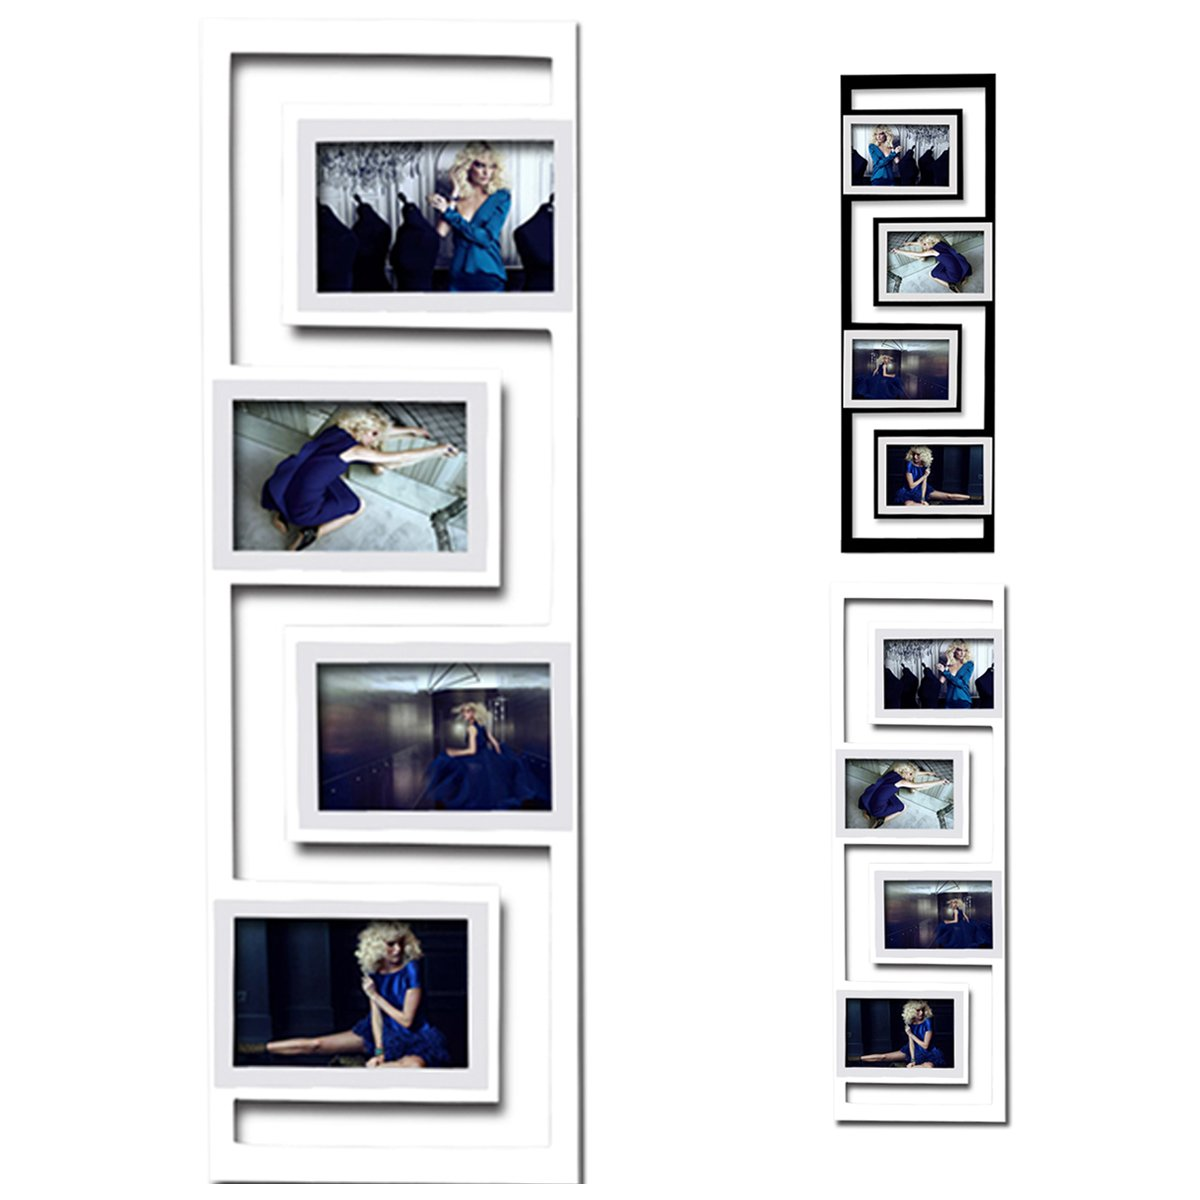 Ziemlich Hängen Fotos Ohne Rahmen Ideen - Rahmen Ideen ...